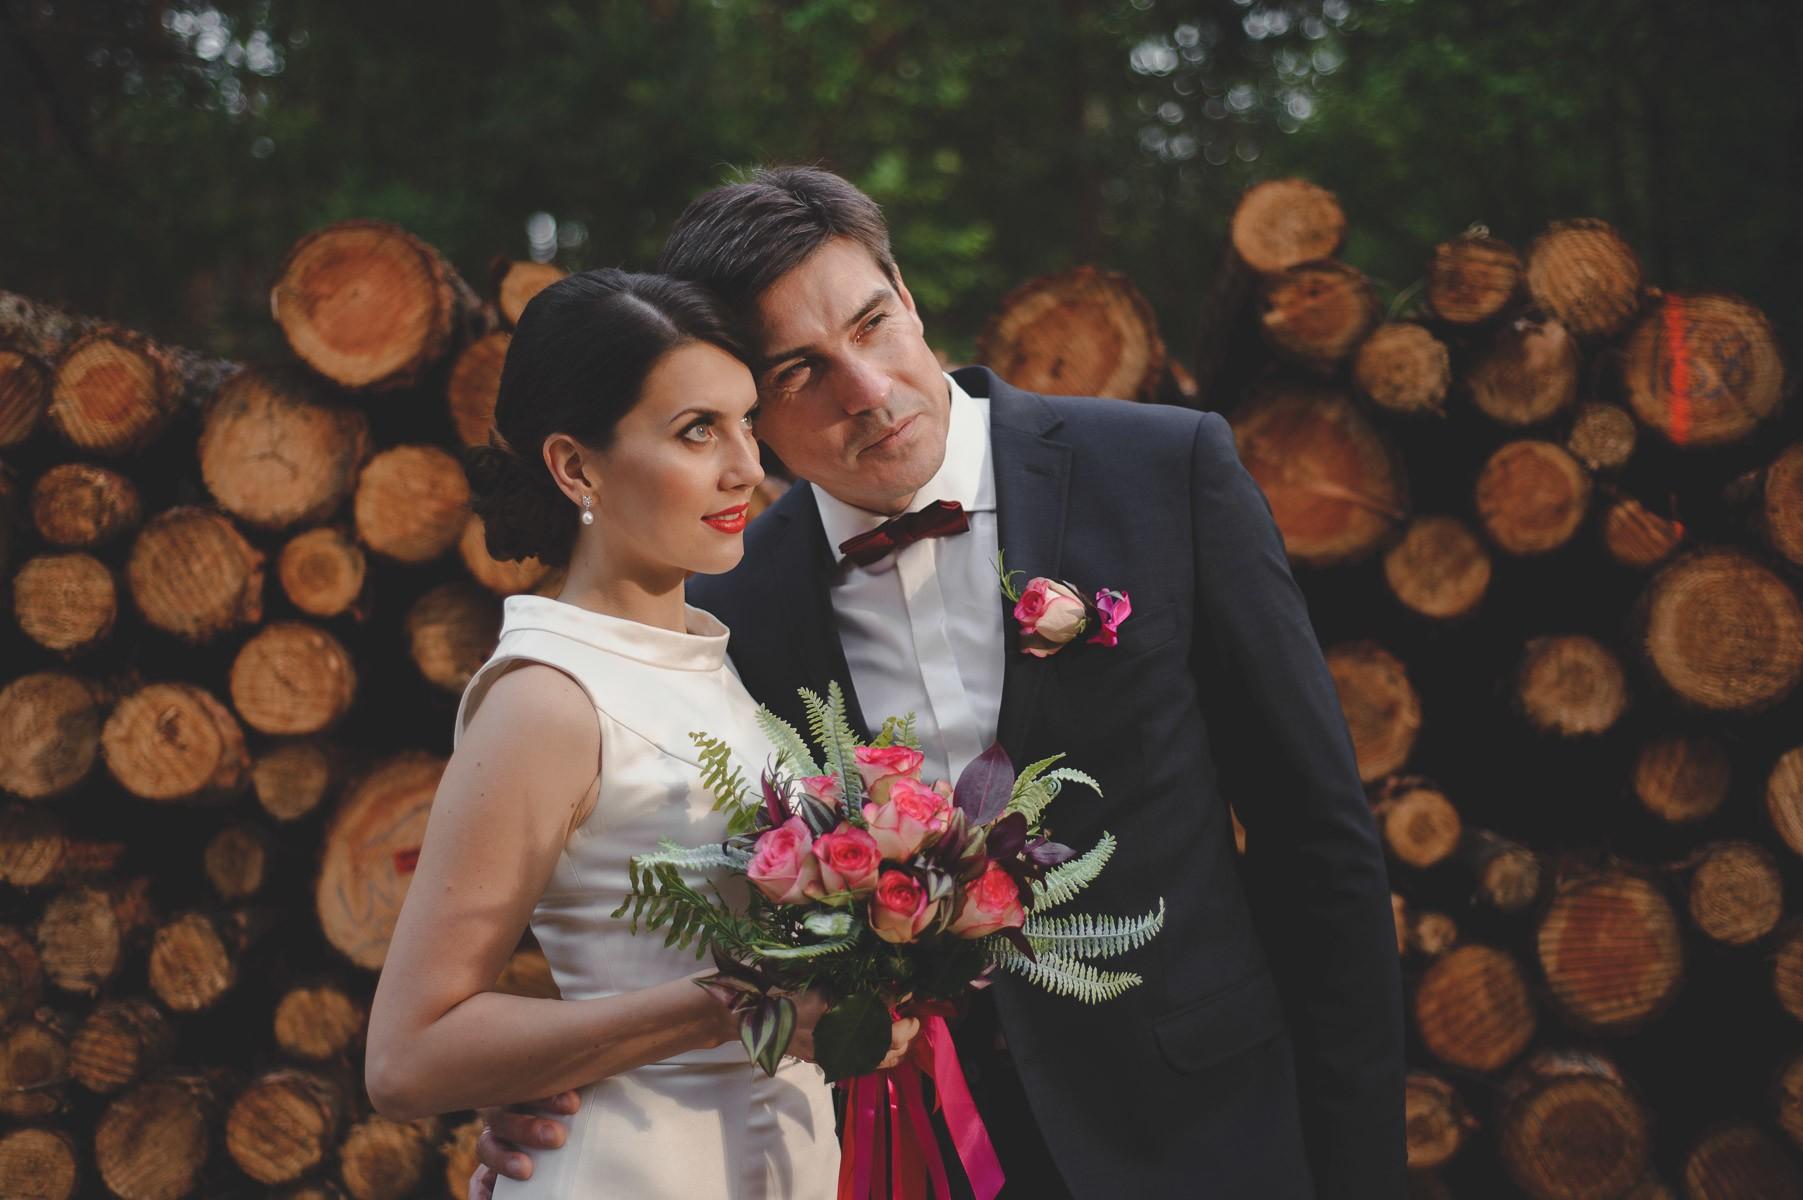 pomysłowy fotograf ślubny